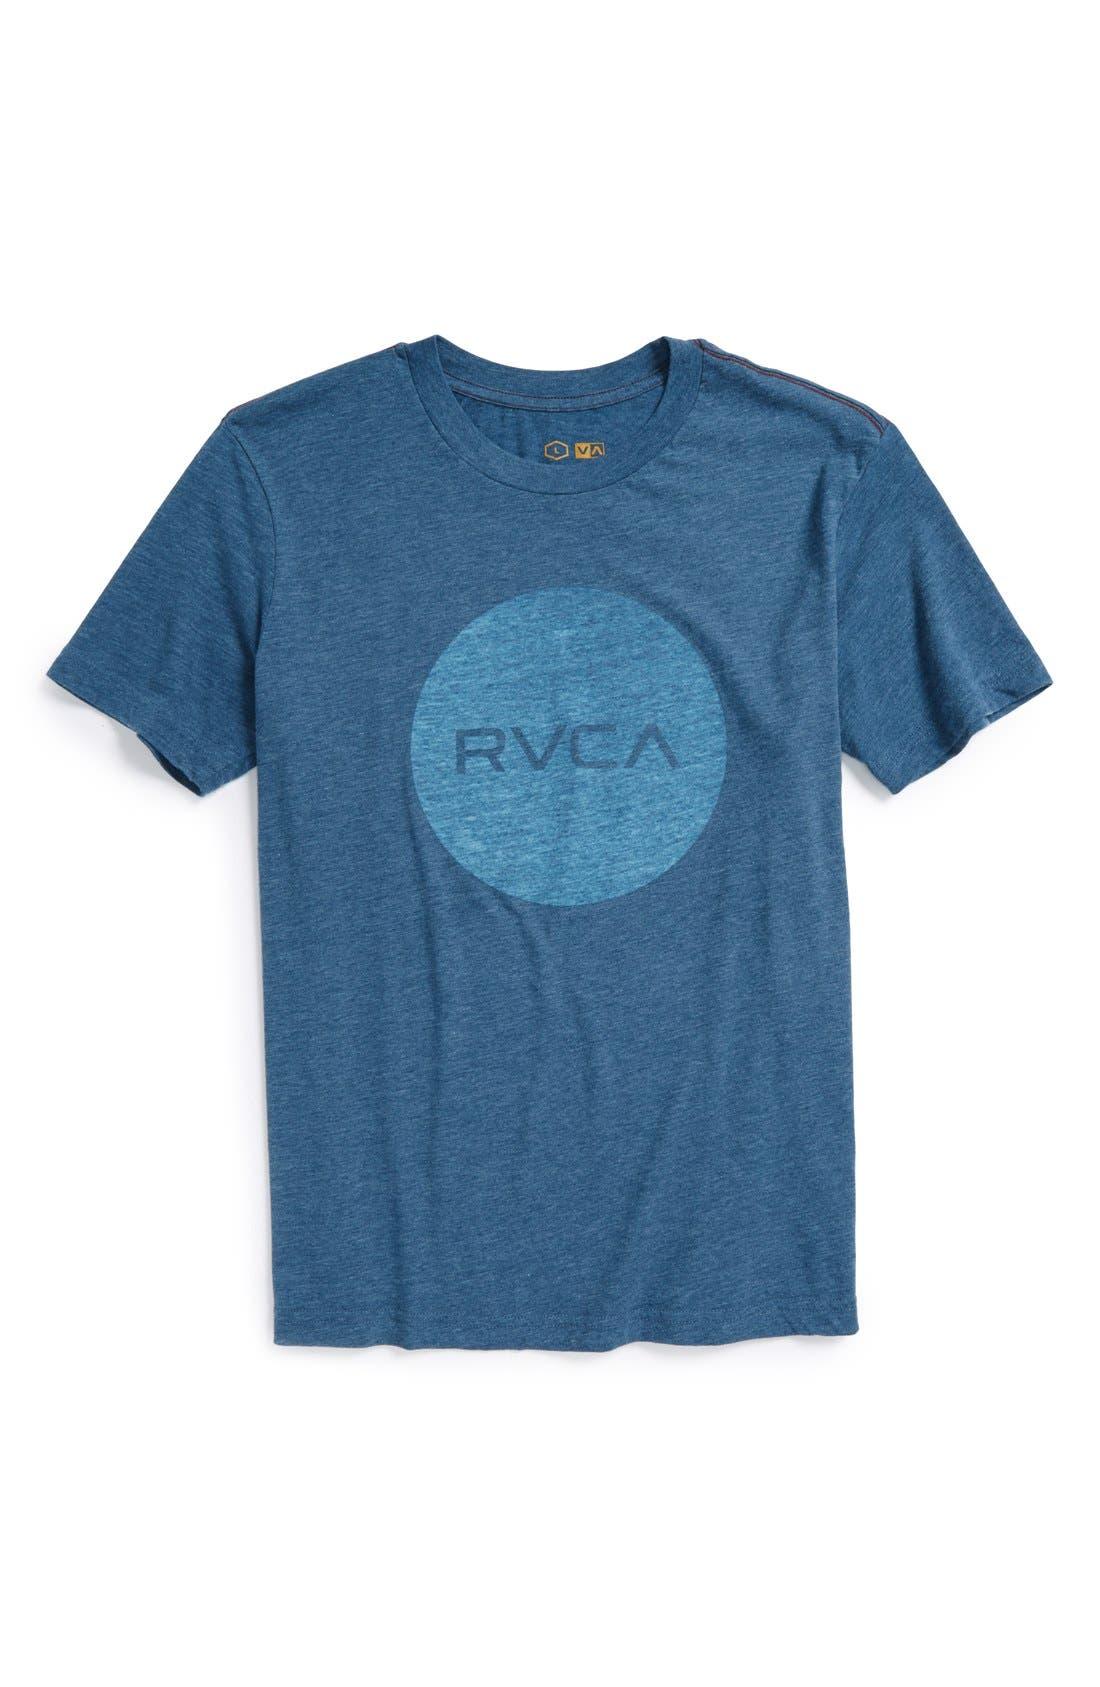 Main Image - RVCA 'Motors' Reverse Screenprint T-Shirt (Big Boys)